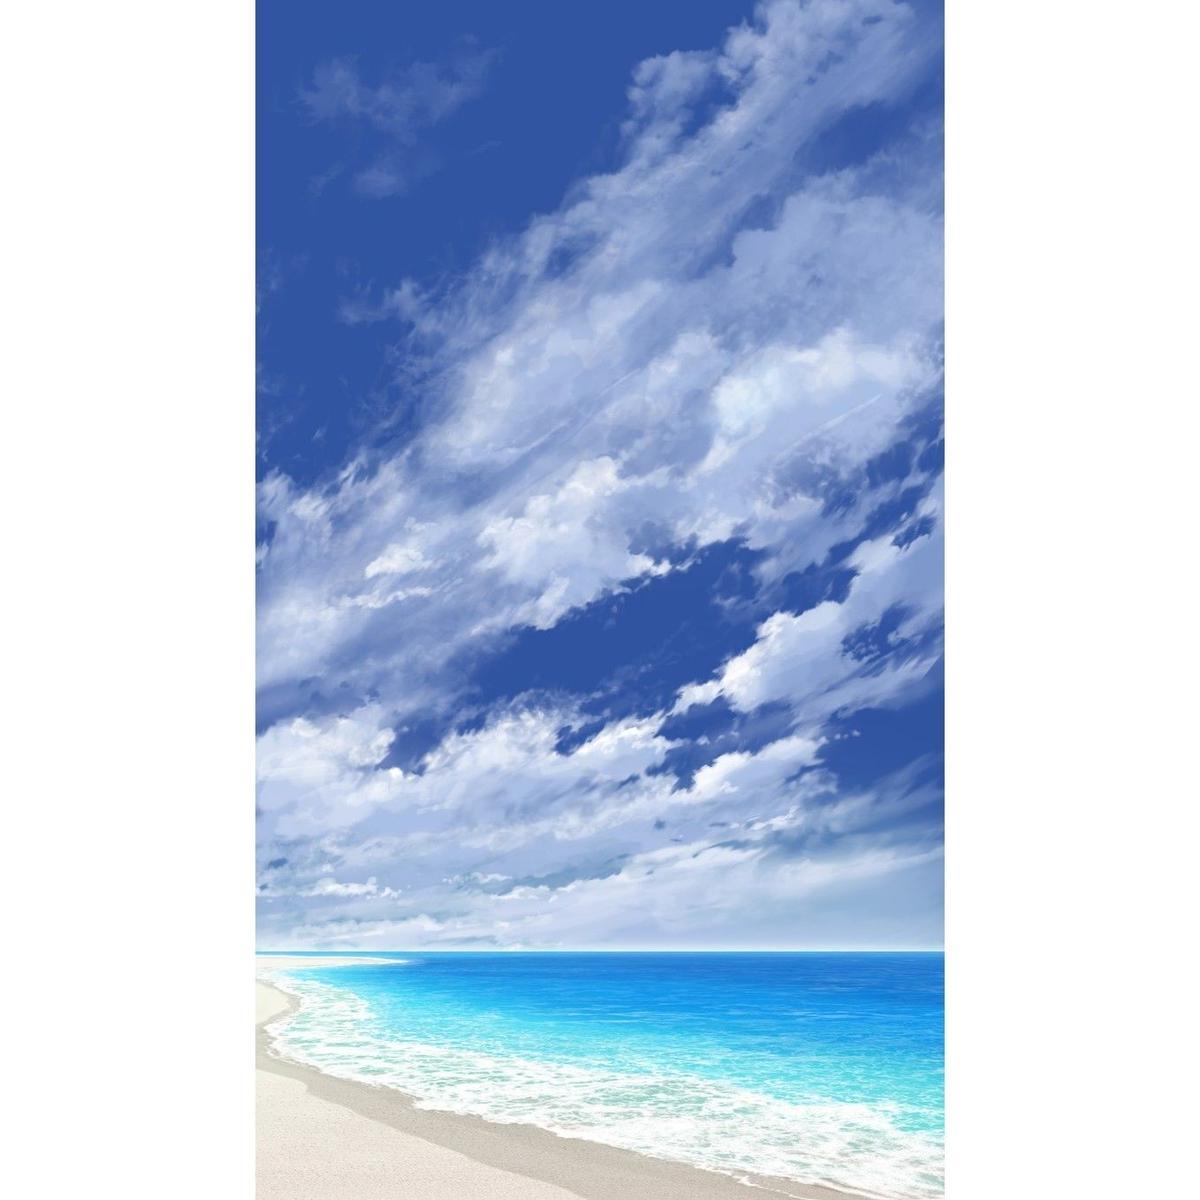 イラスト背景 合作 青空 縦pan用05 海10 彩玉のpsd背景素材shop